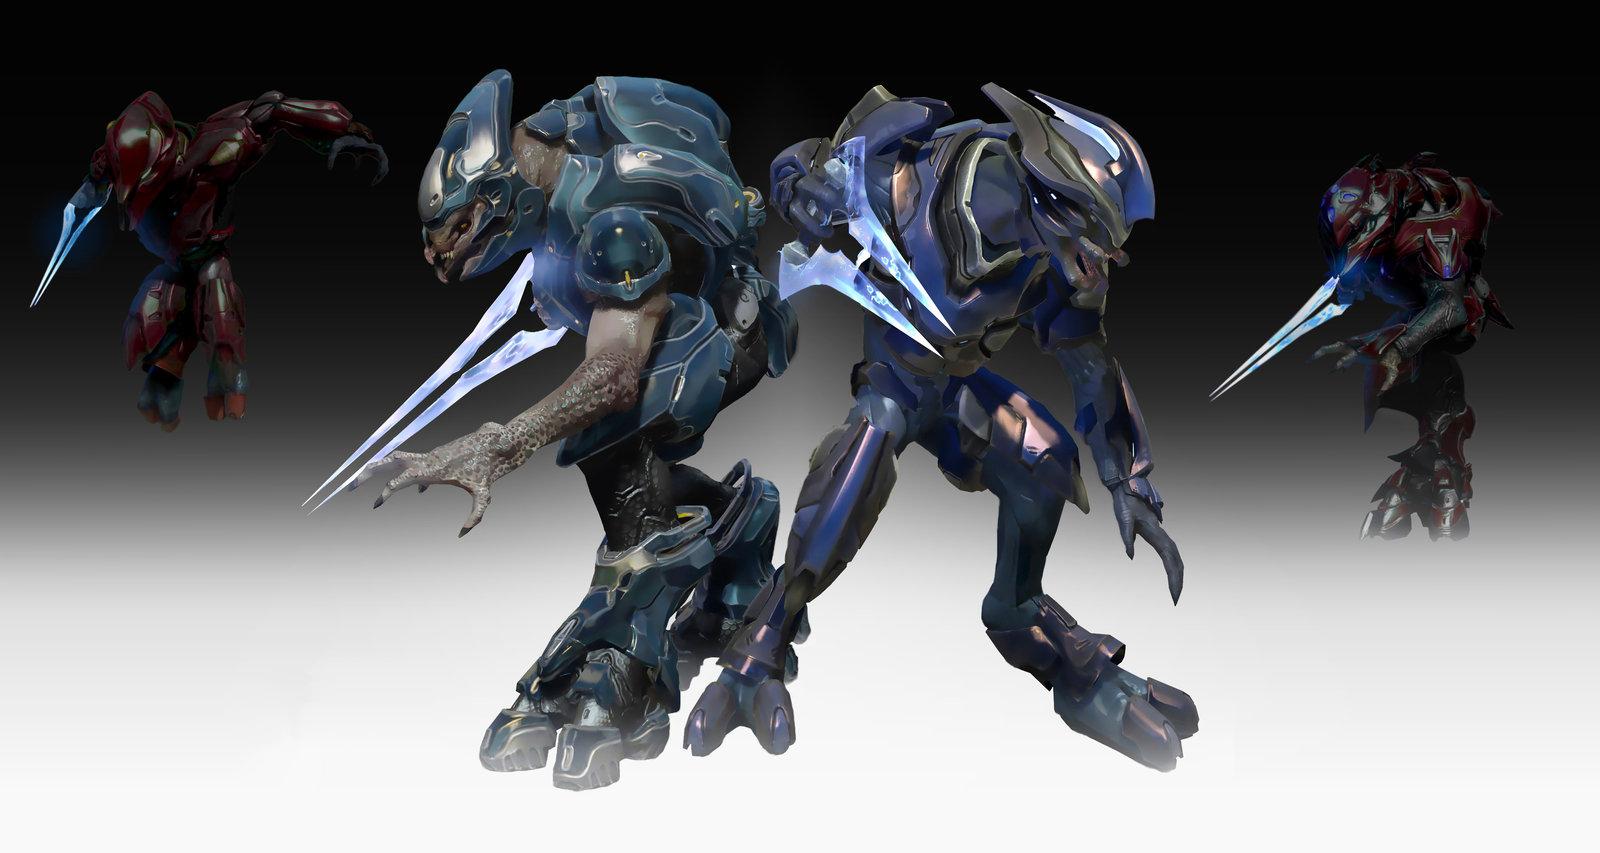 1600x853px Halo 4 Elite Wallpaper 1600x853